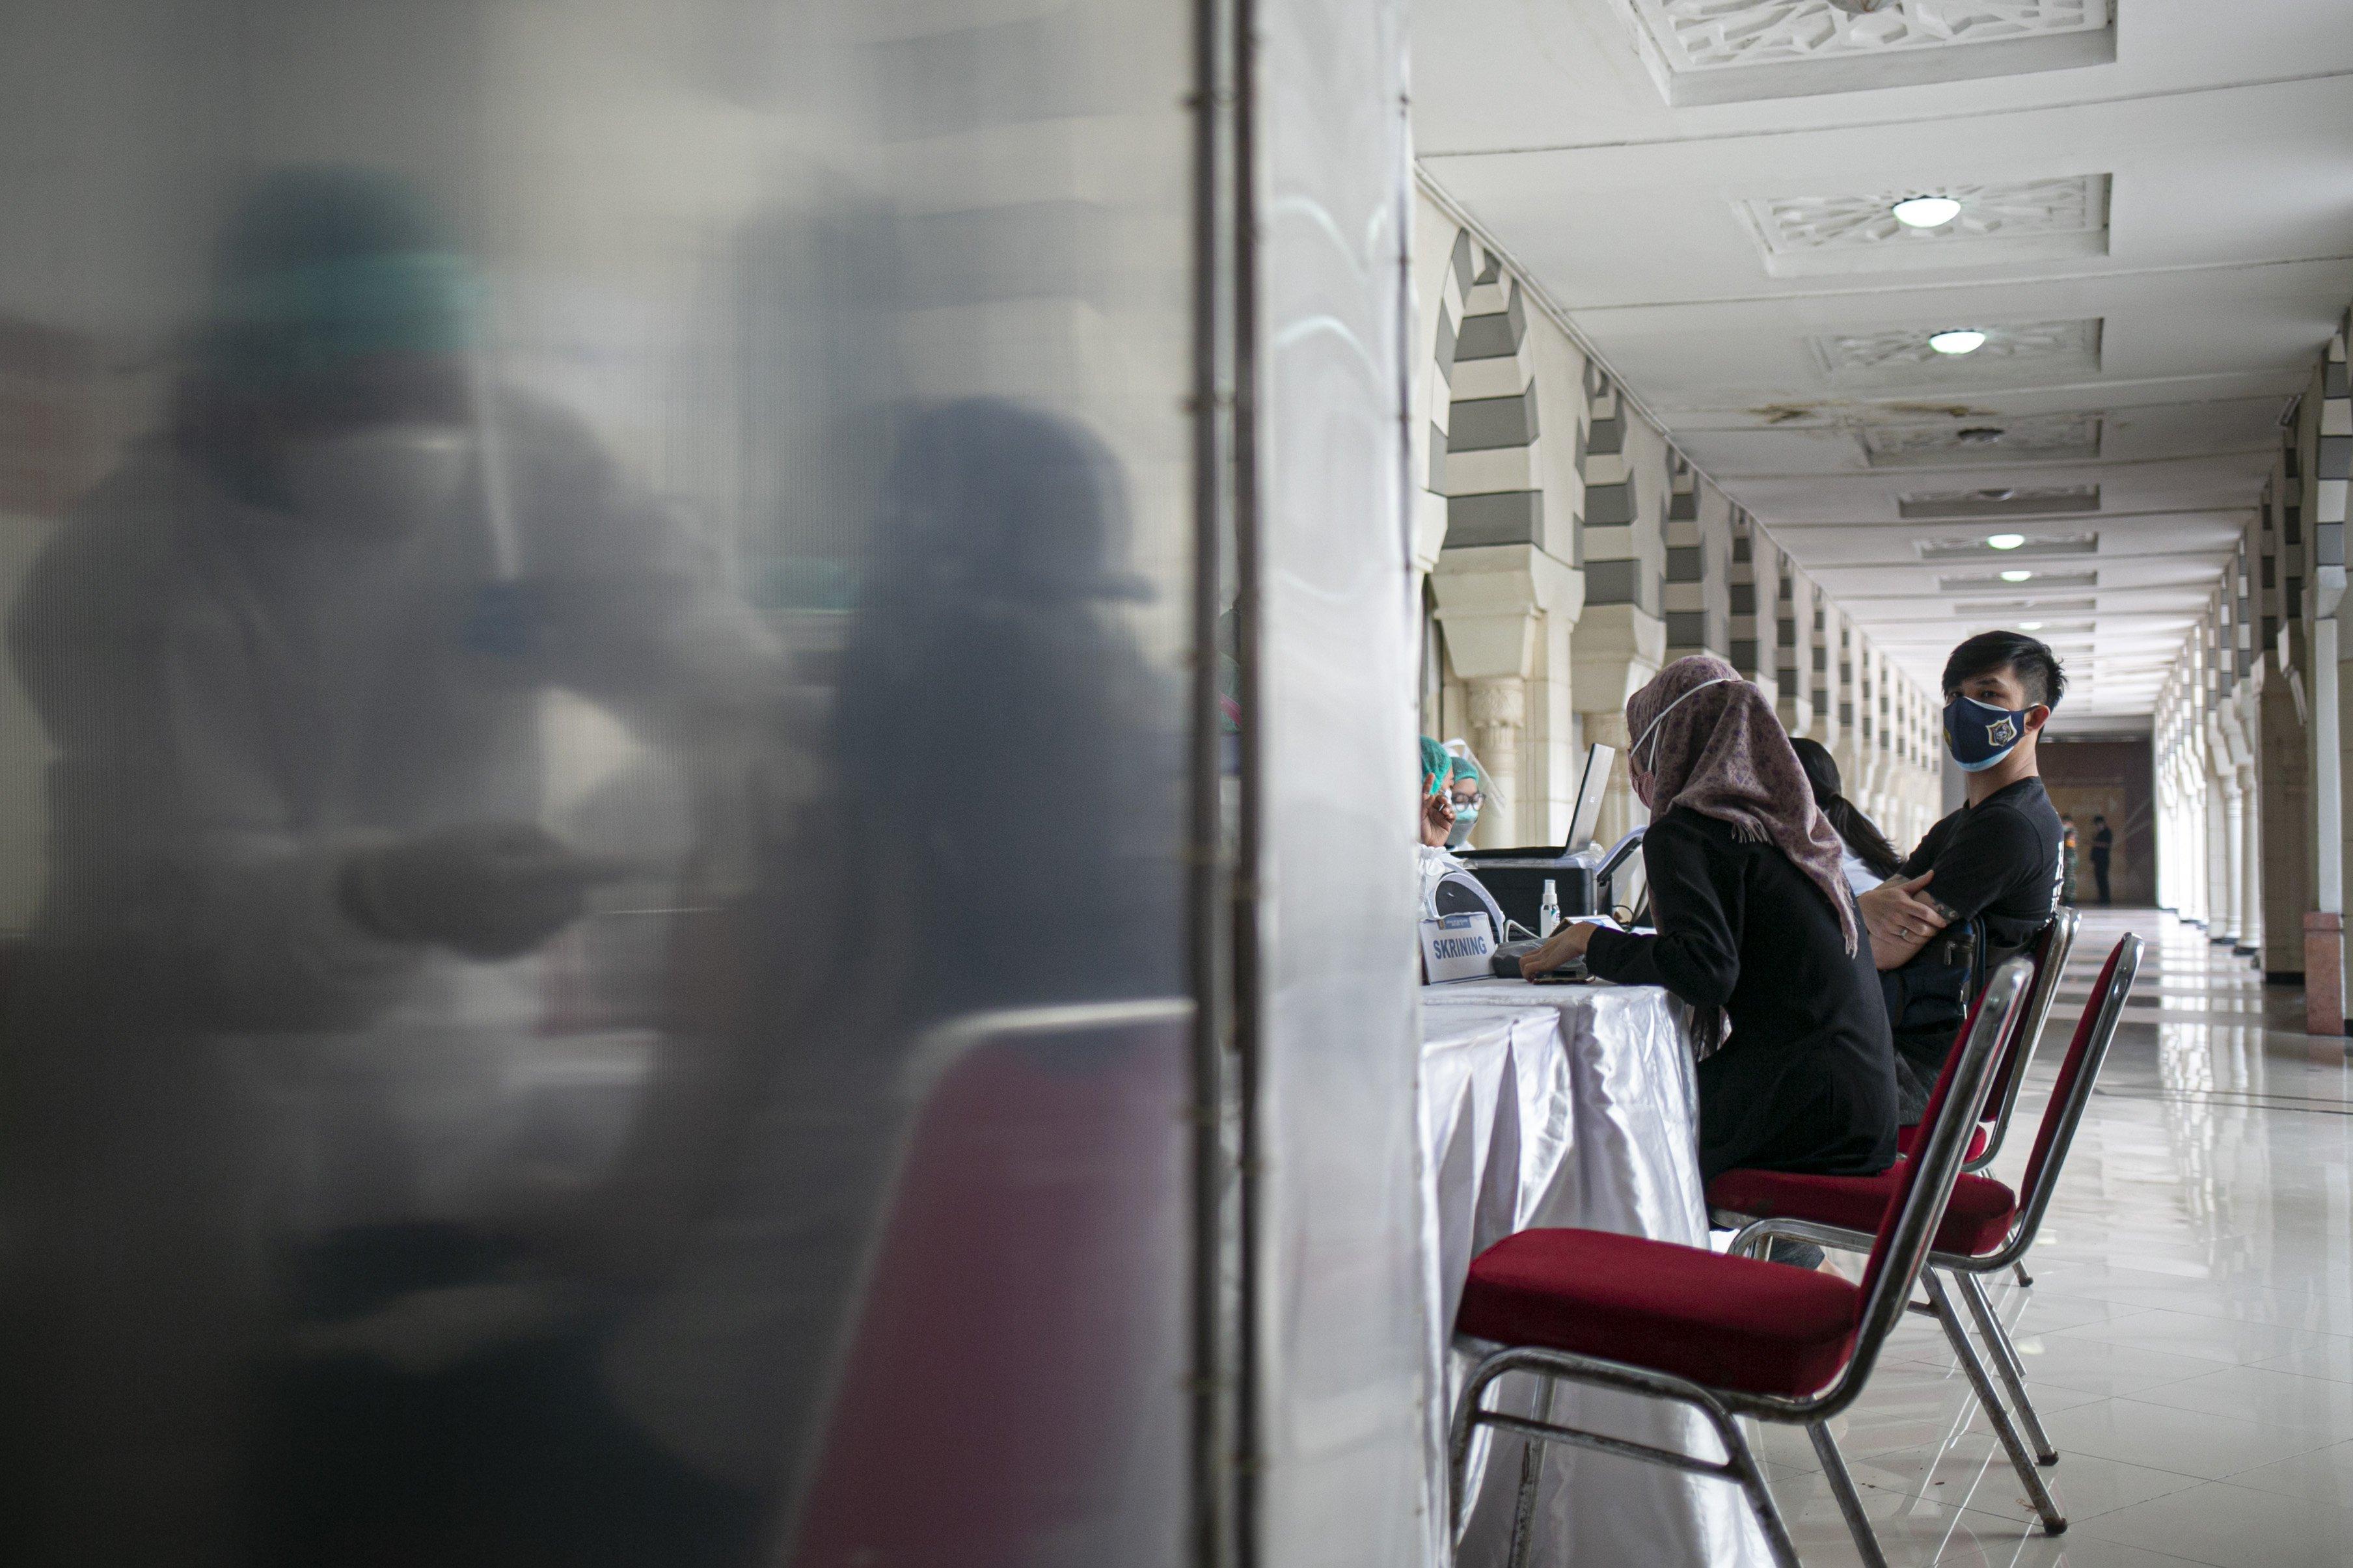 Petugas medis menyuntikan vaksin covid-19 kepada pedagang di Pasar Tanah Abang Blok A, Jakarta, Rabu (17/2/2021). Vaksinasi covid-19 tahap kedua yang diberikan untuk pekerja publik dan lansia itu dimulai dari pedagang Pasar Tanah Abang.